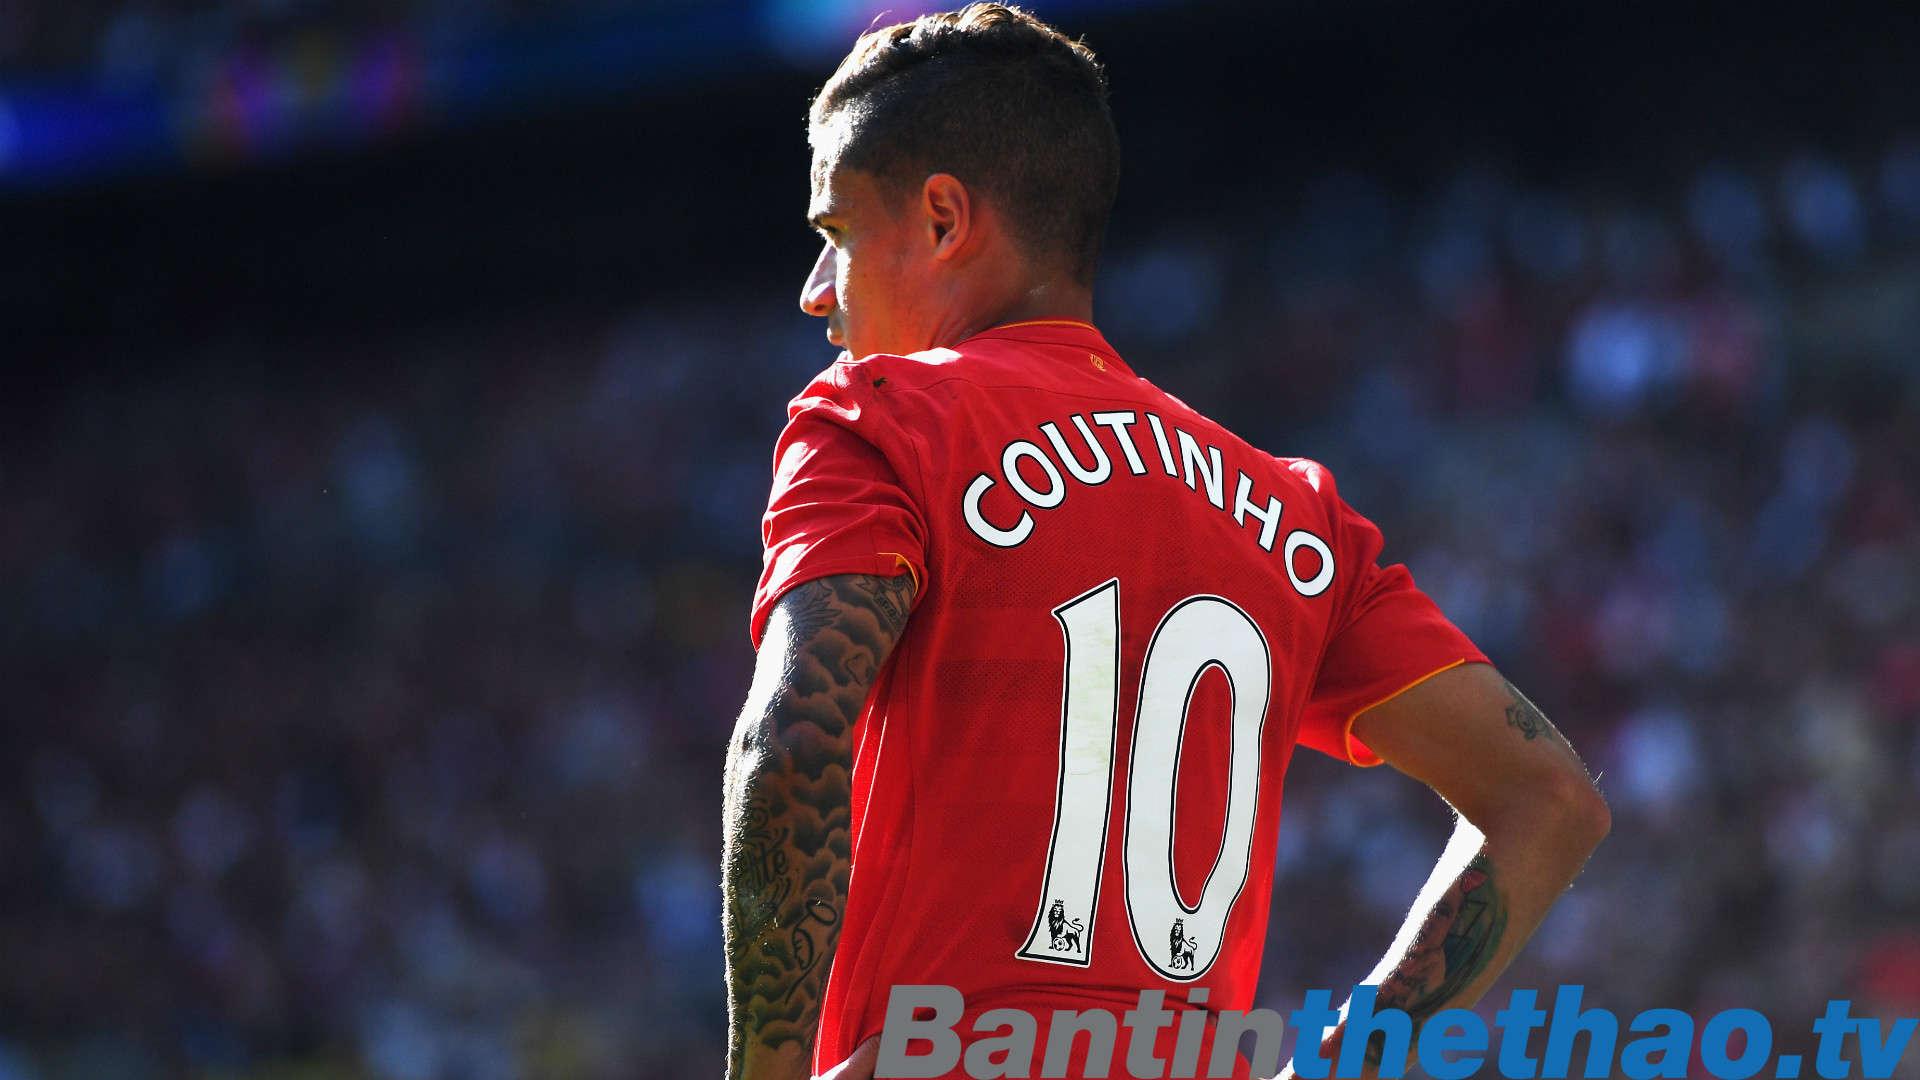 Coutinho sẽ là người của Barca trong mùa giải này?